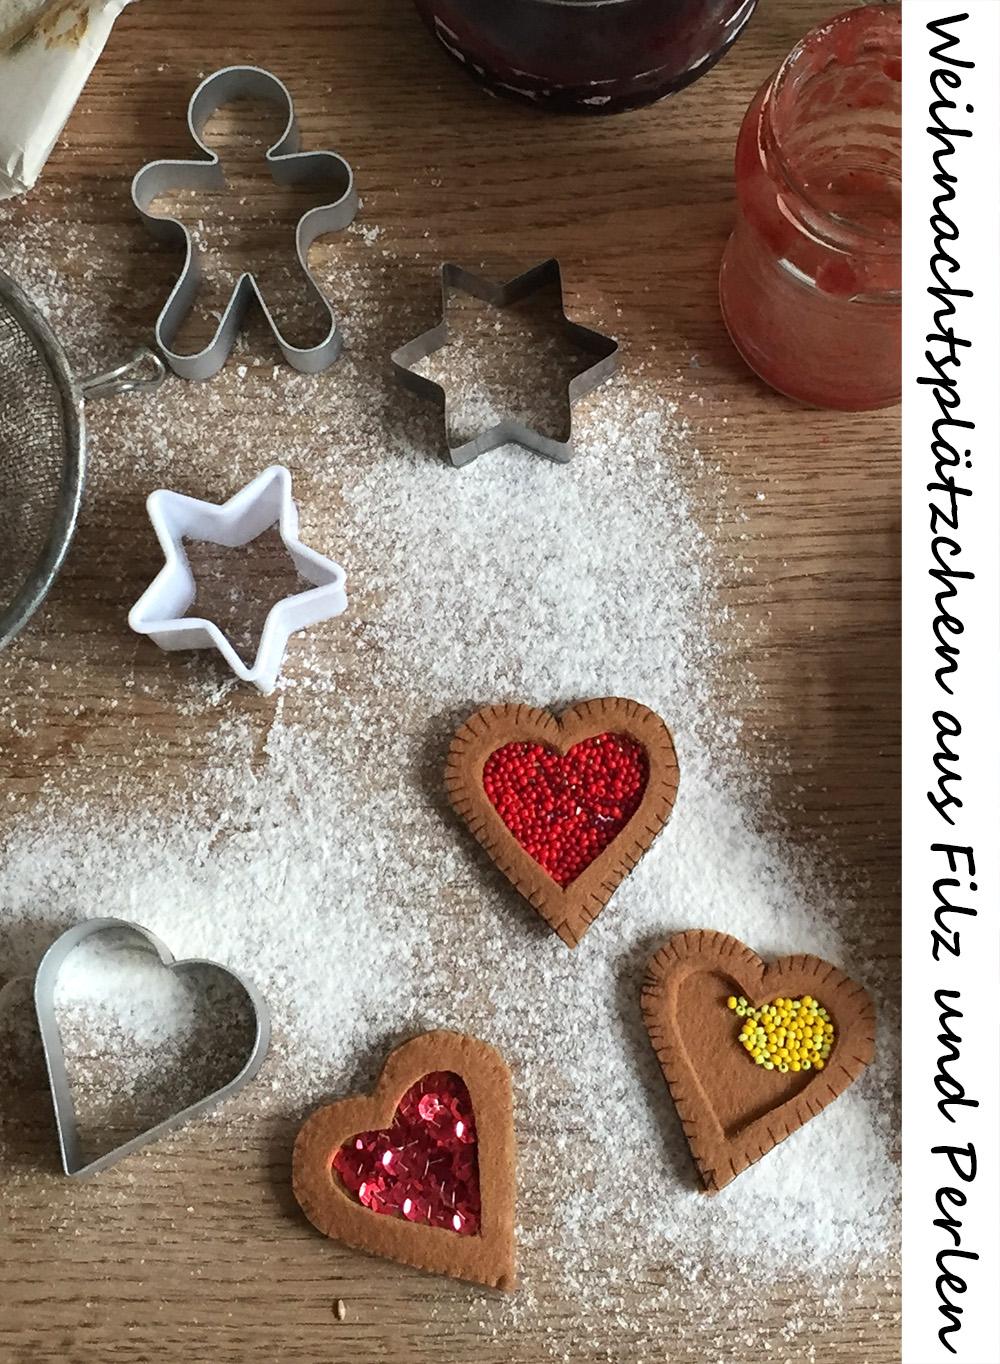 täuschend echt: Plätzchen aus Filz, Weihnachtsplätzchen für die Kinderküche nähen,